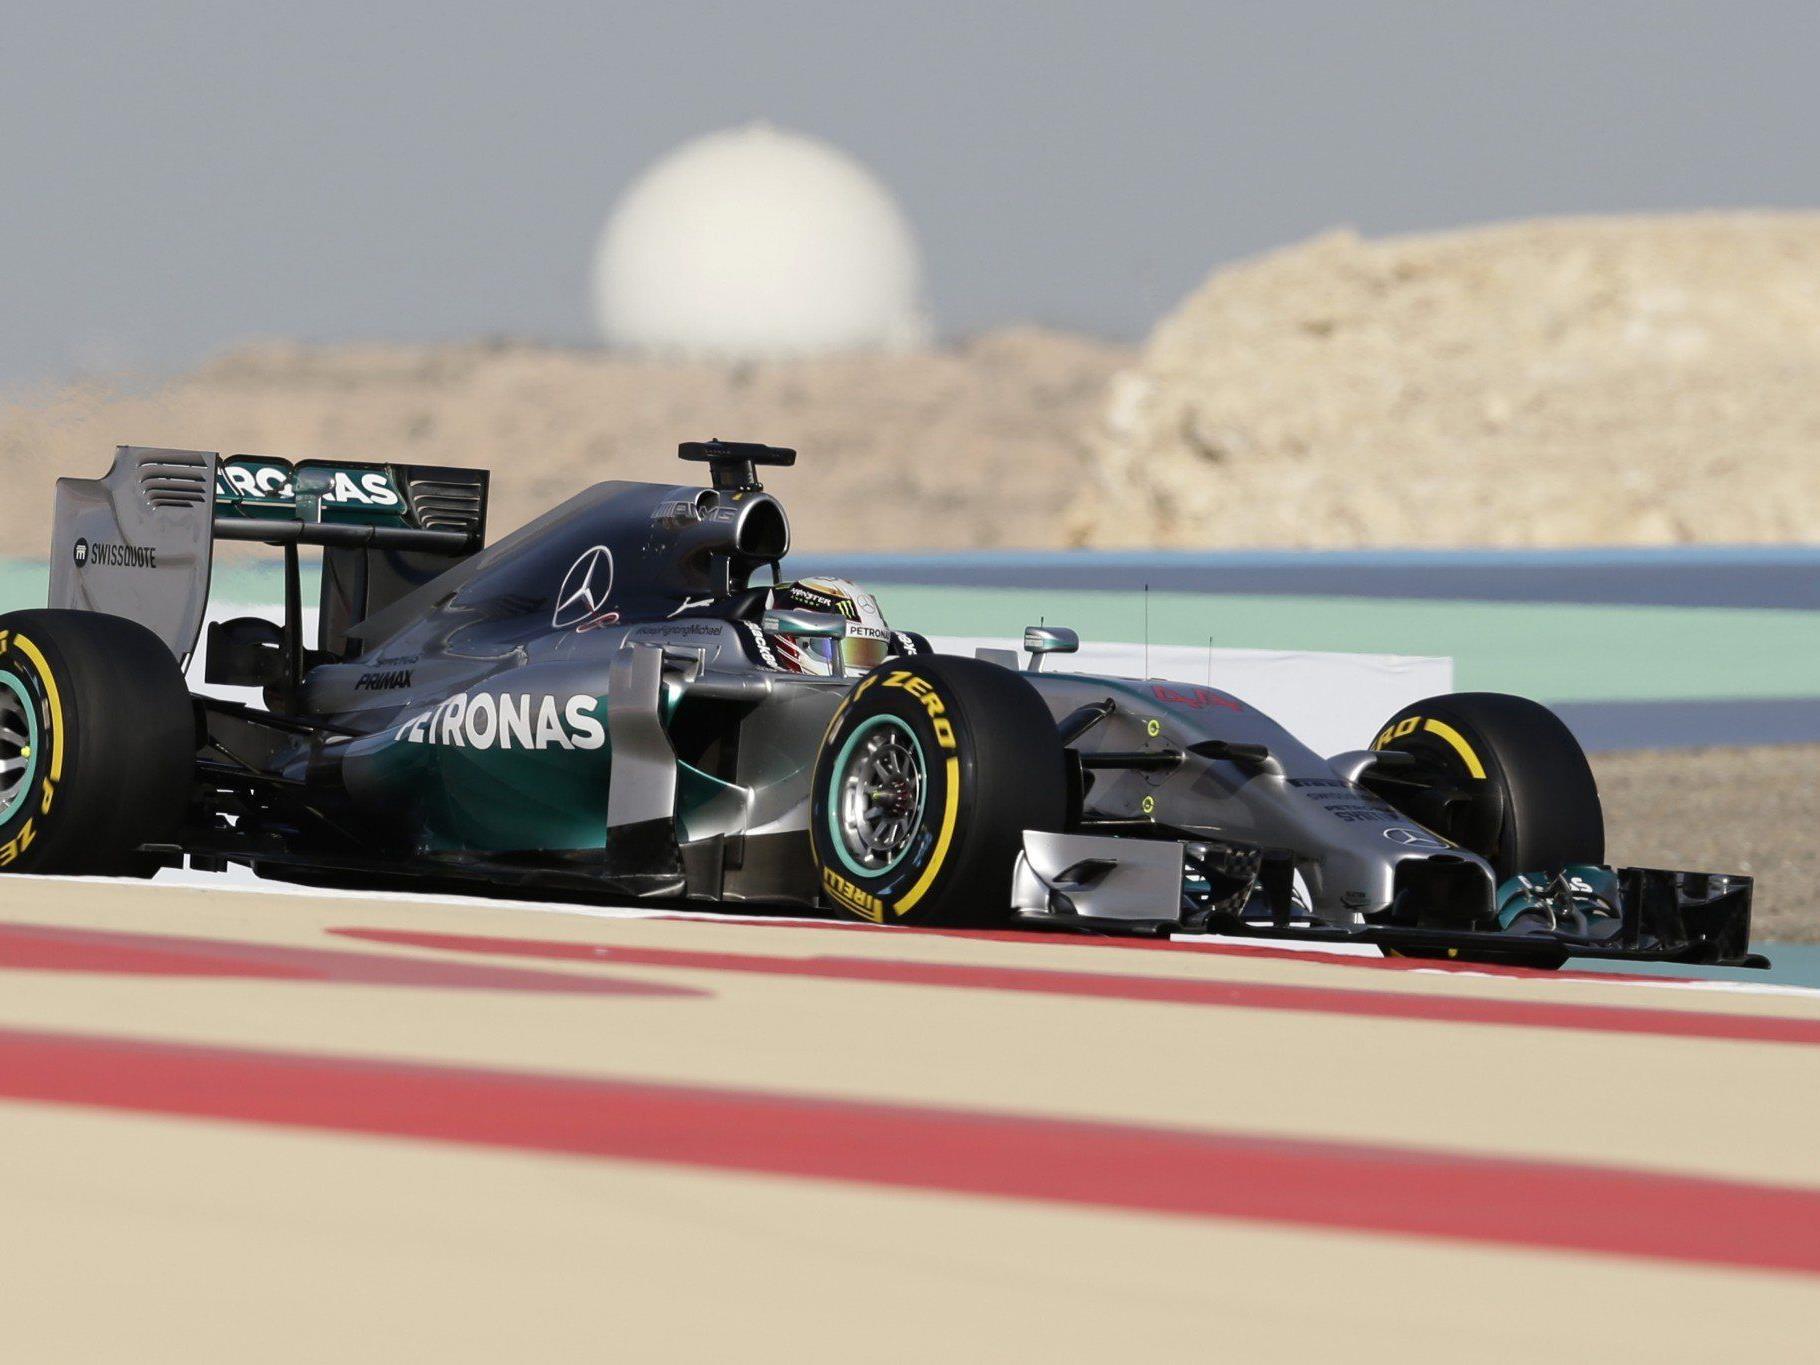 Mercedes AMG Fahrer Lewis Hamilton geht top motiviert in den Formel 1 Grand Prix von Bahrain 2014.